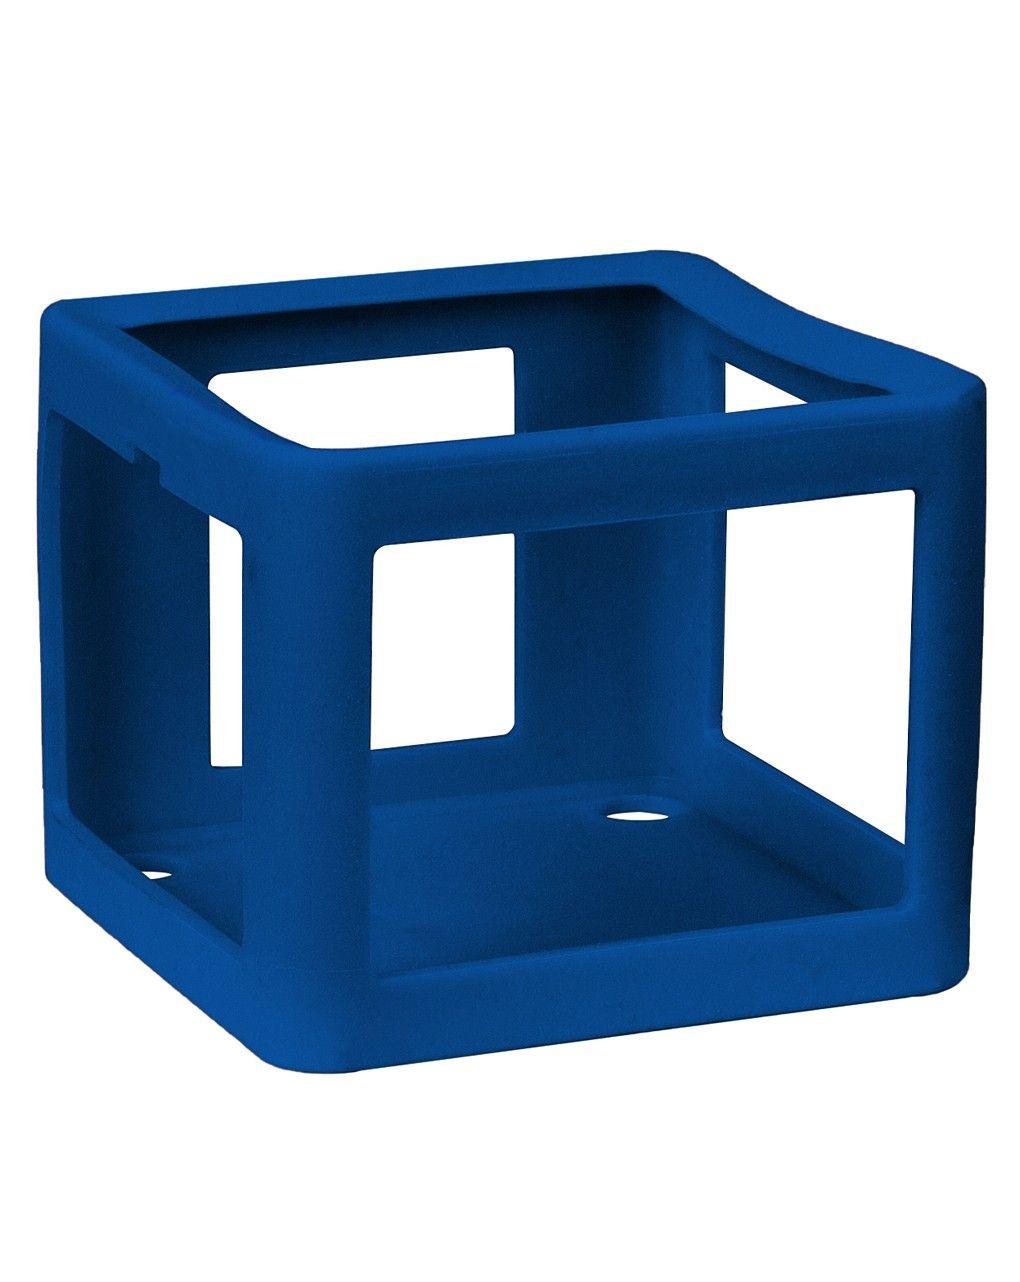 Faba - guscio protettivo in silicone - blu - Faba